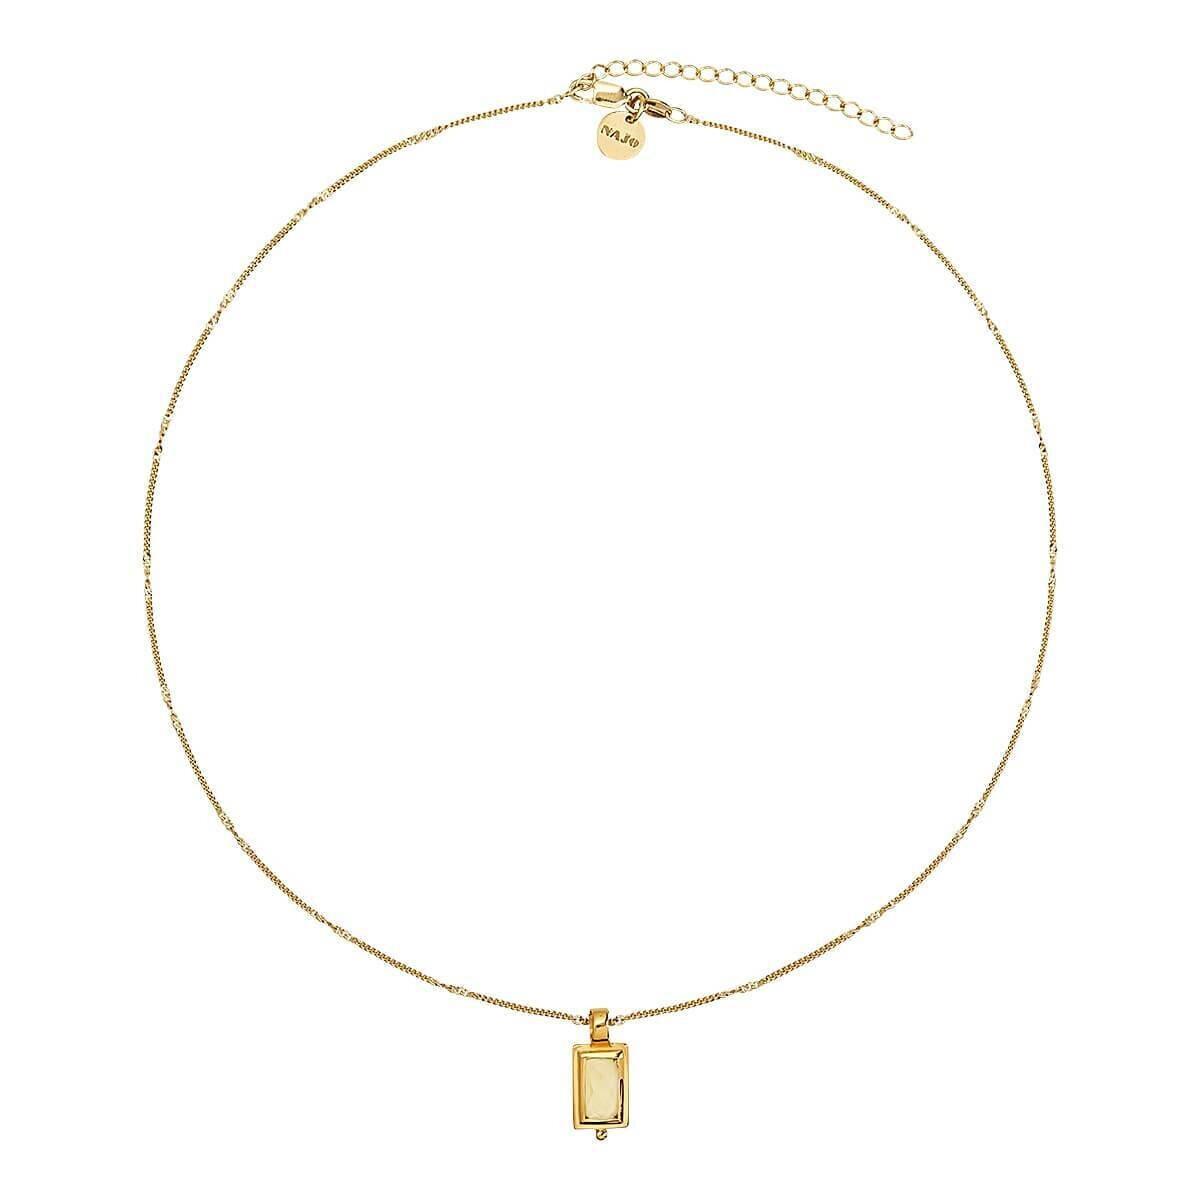 Najo - Desire Lemon Quartz Necklace